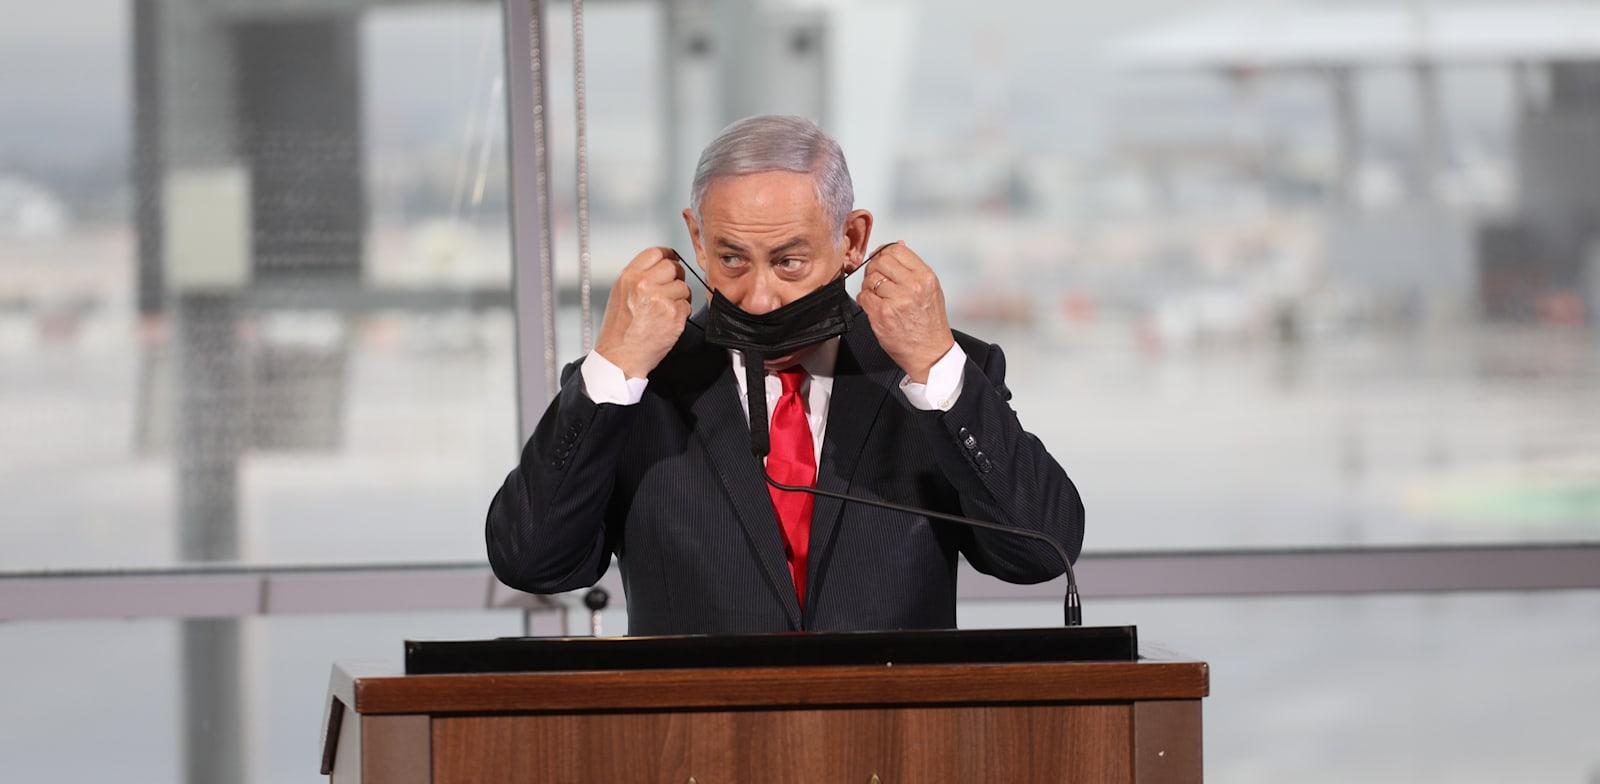 """נתניהו. מנסה לתת מענה למתקפות שיספוג במהלך קמפיין הבחירות על """"הקורונה הכלכלית"""" בישראל / צילום: אמיל סלמן-הארץ"""